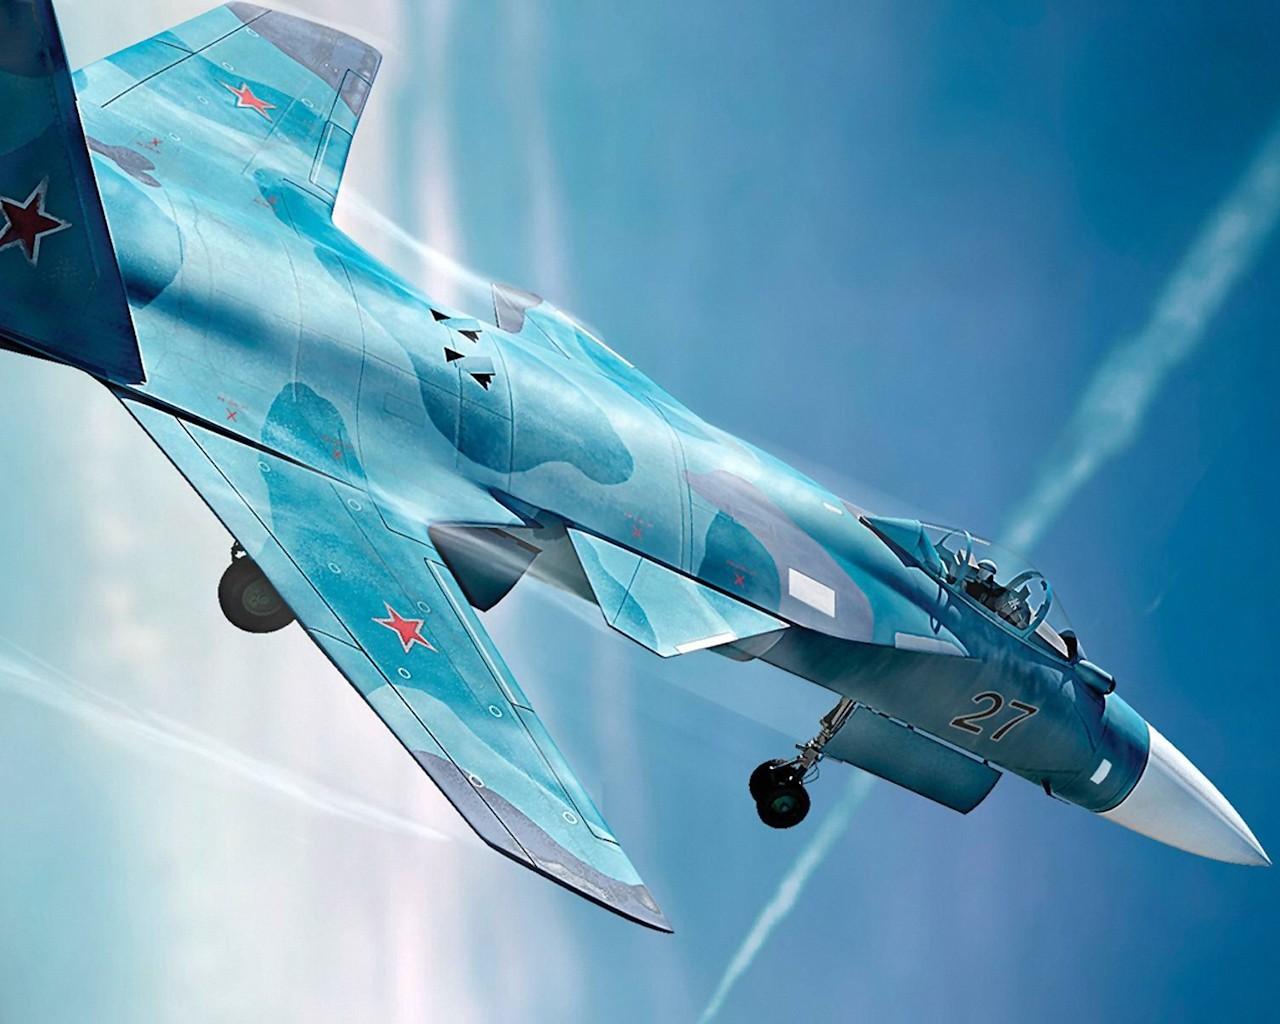 Русский истребитель в небе, МИГ, самолет, обои